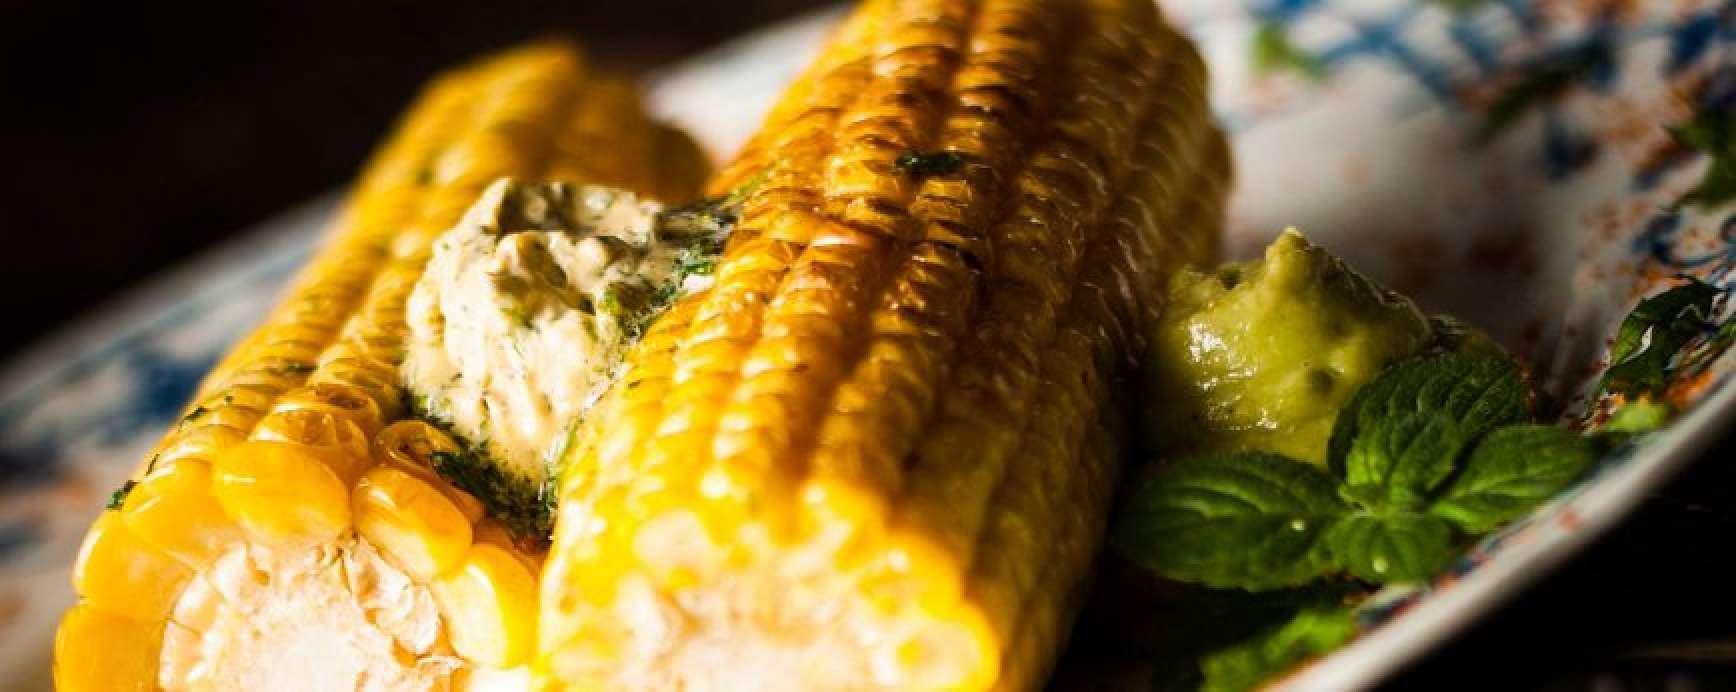 recette de beurre végétalien pour maïs grillé